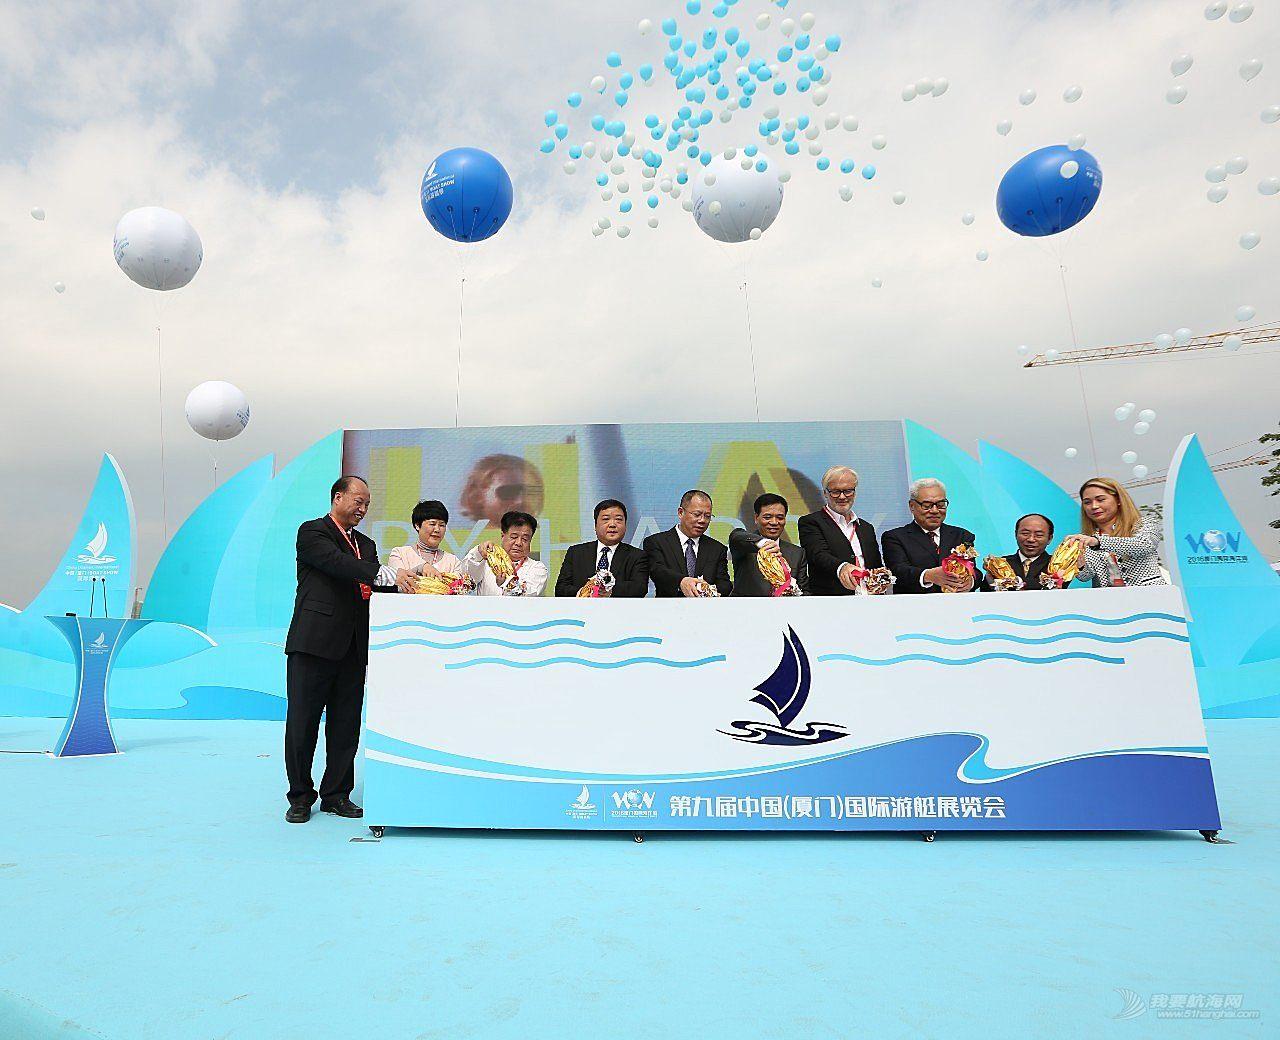 知名品牌,休闲旅游,福建省,生活方式,展览会 第九届厦门国际游艇展,激情起航!